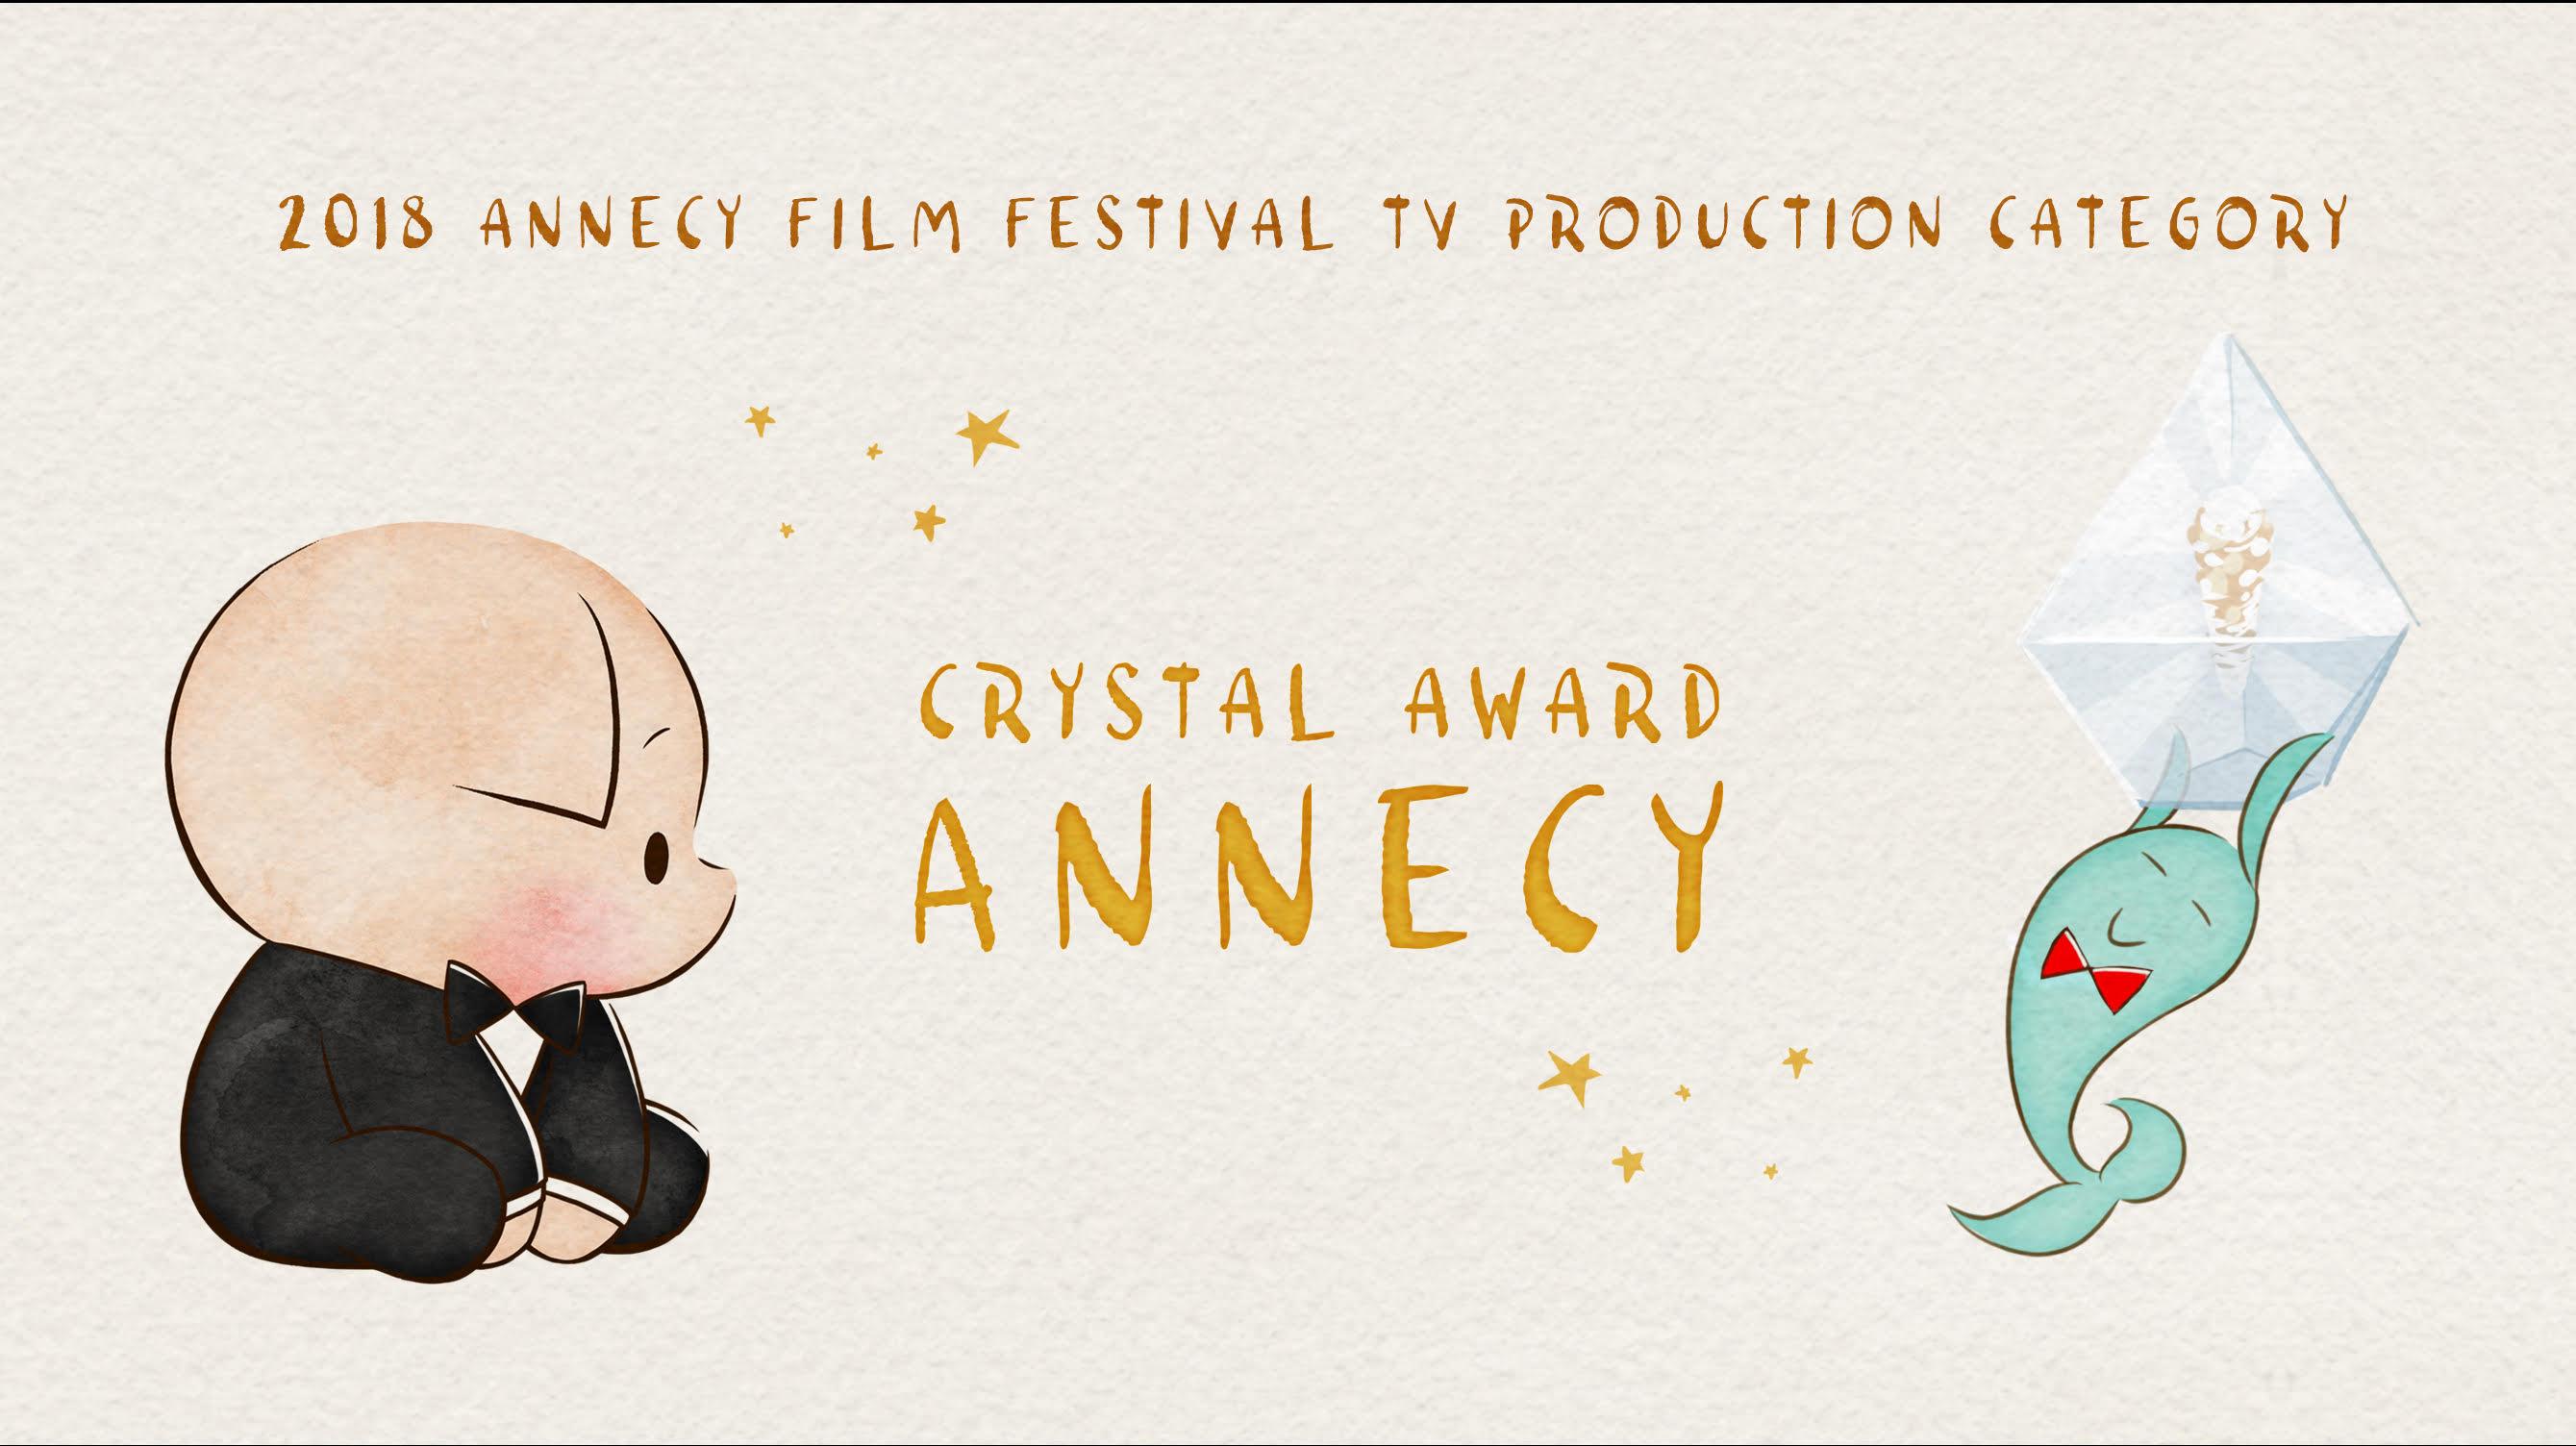 『ピッグ–丘の上のダム・キーパー』、アヌシー国際アニメーション映画祭2018TV部門でクリスタル賞を受賞!